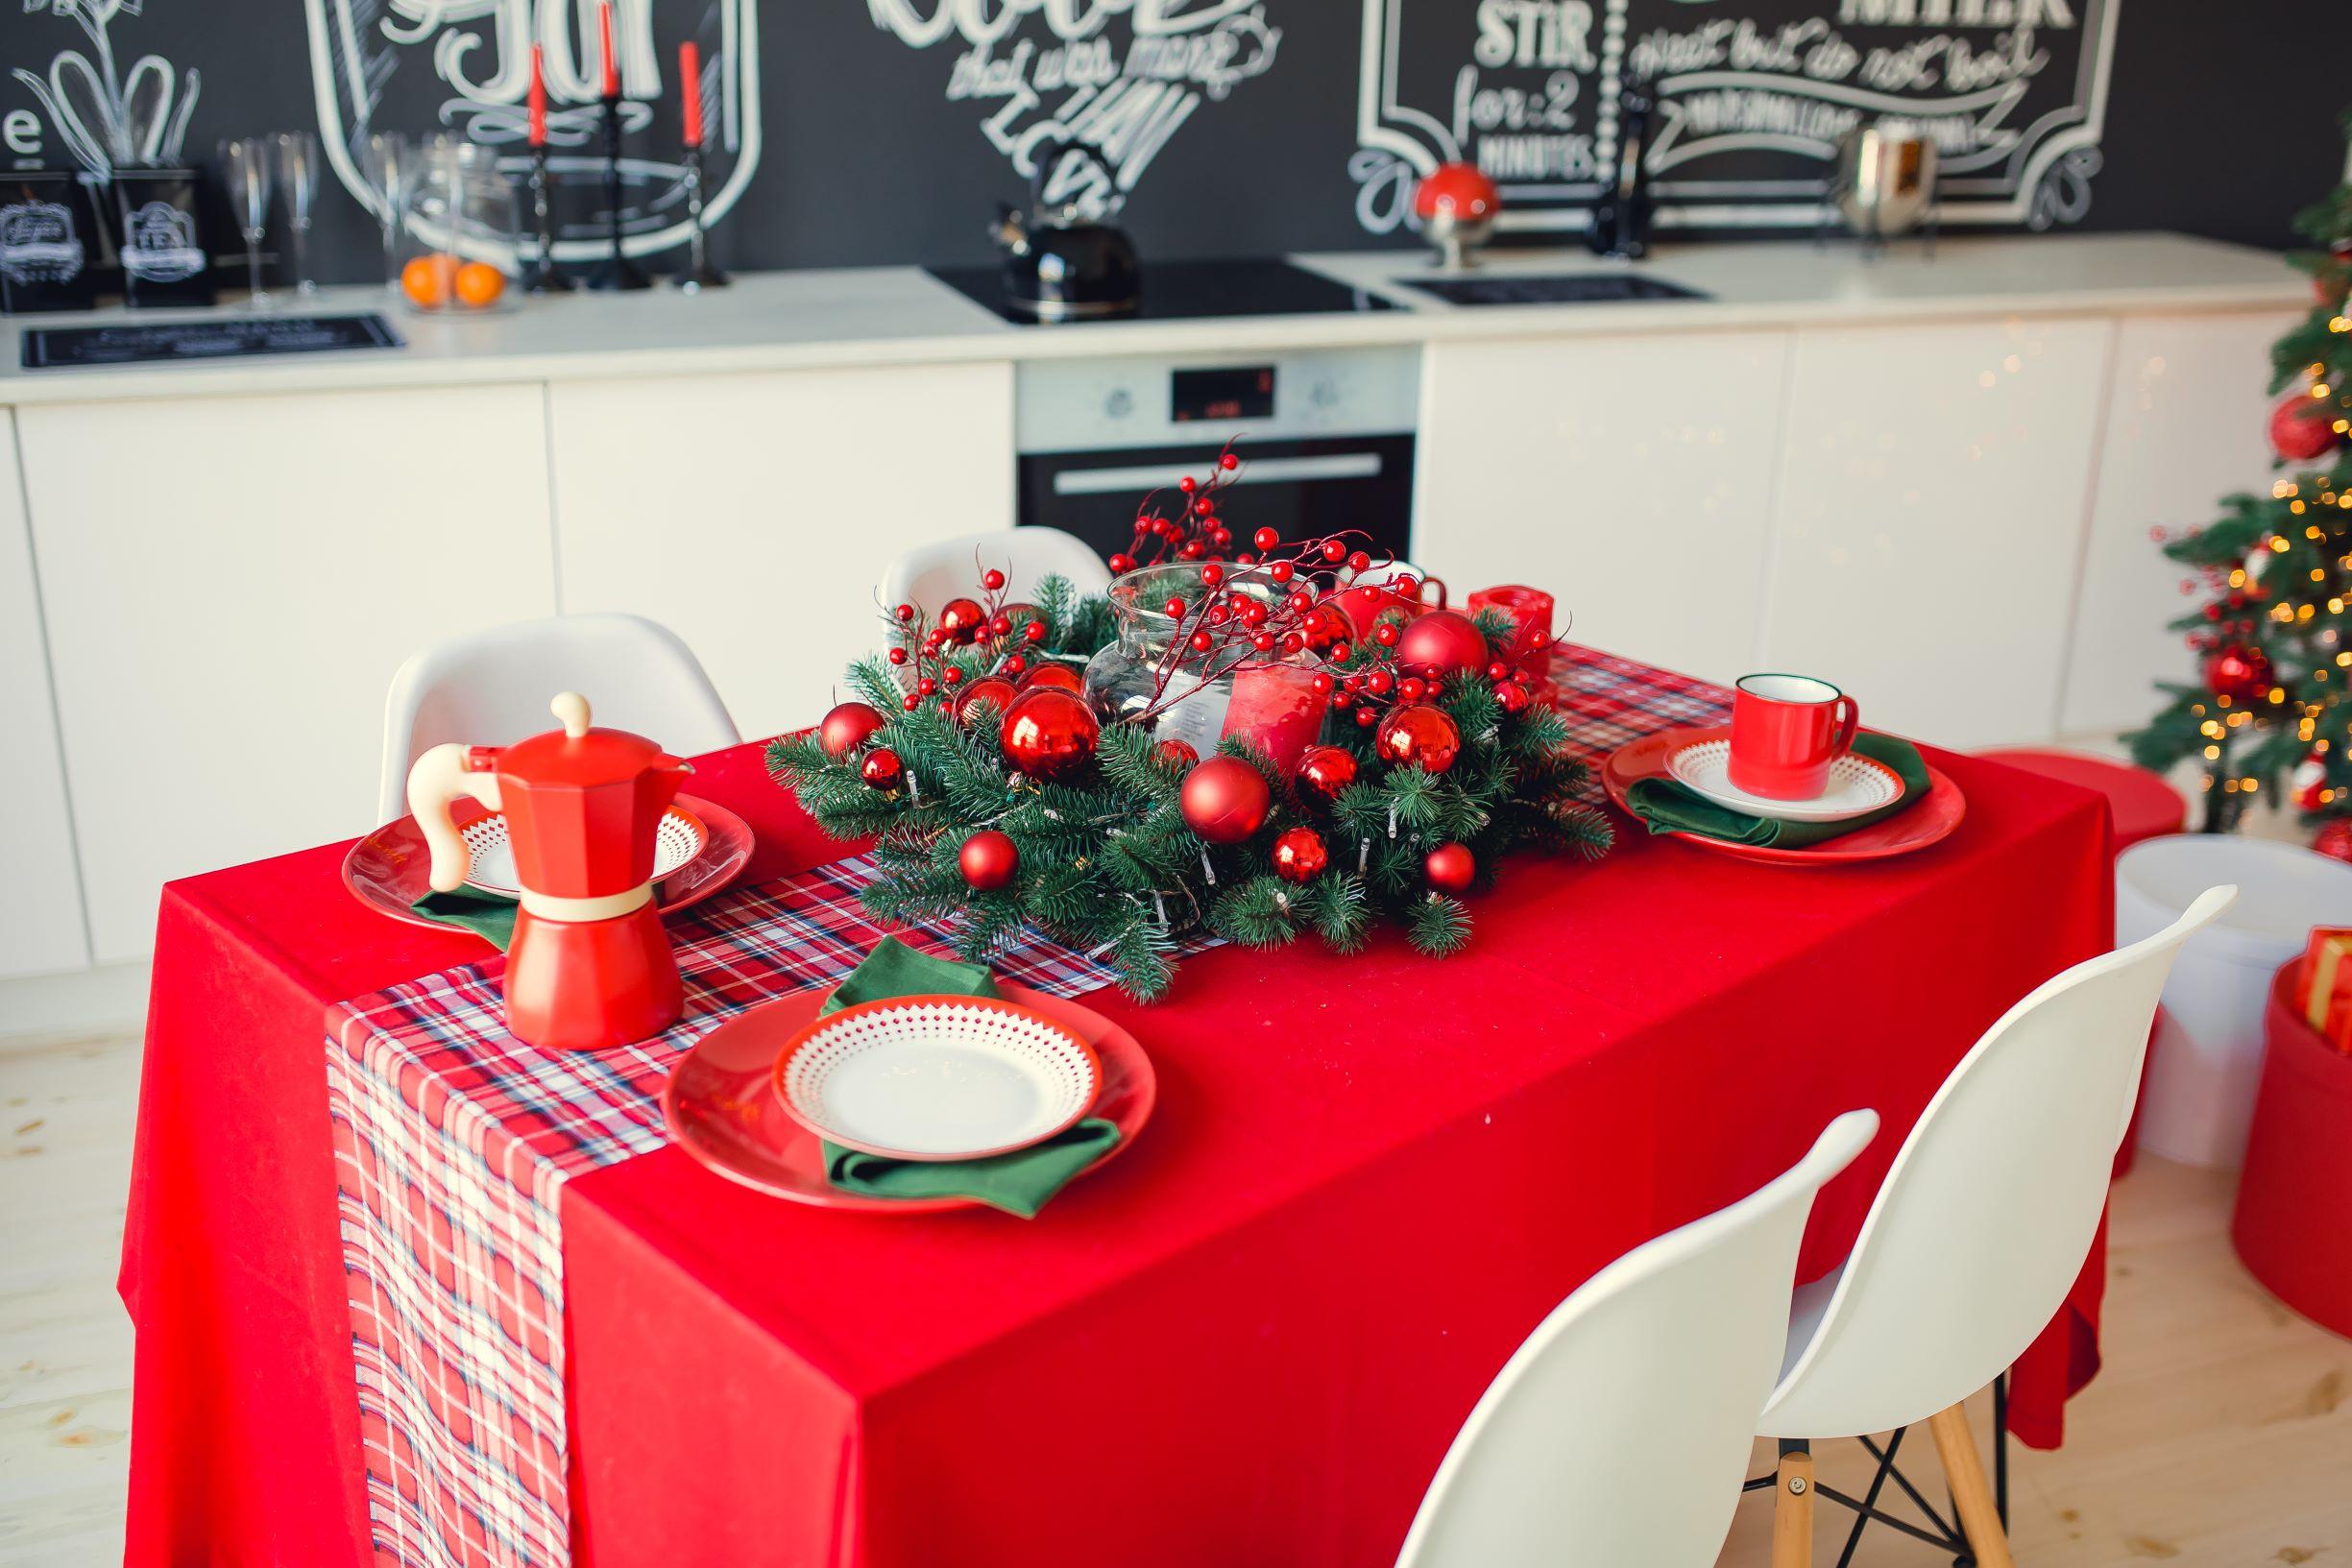 Traditional Christmas table setup.